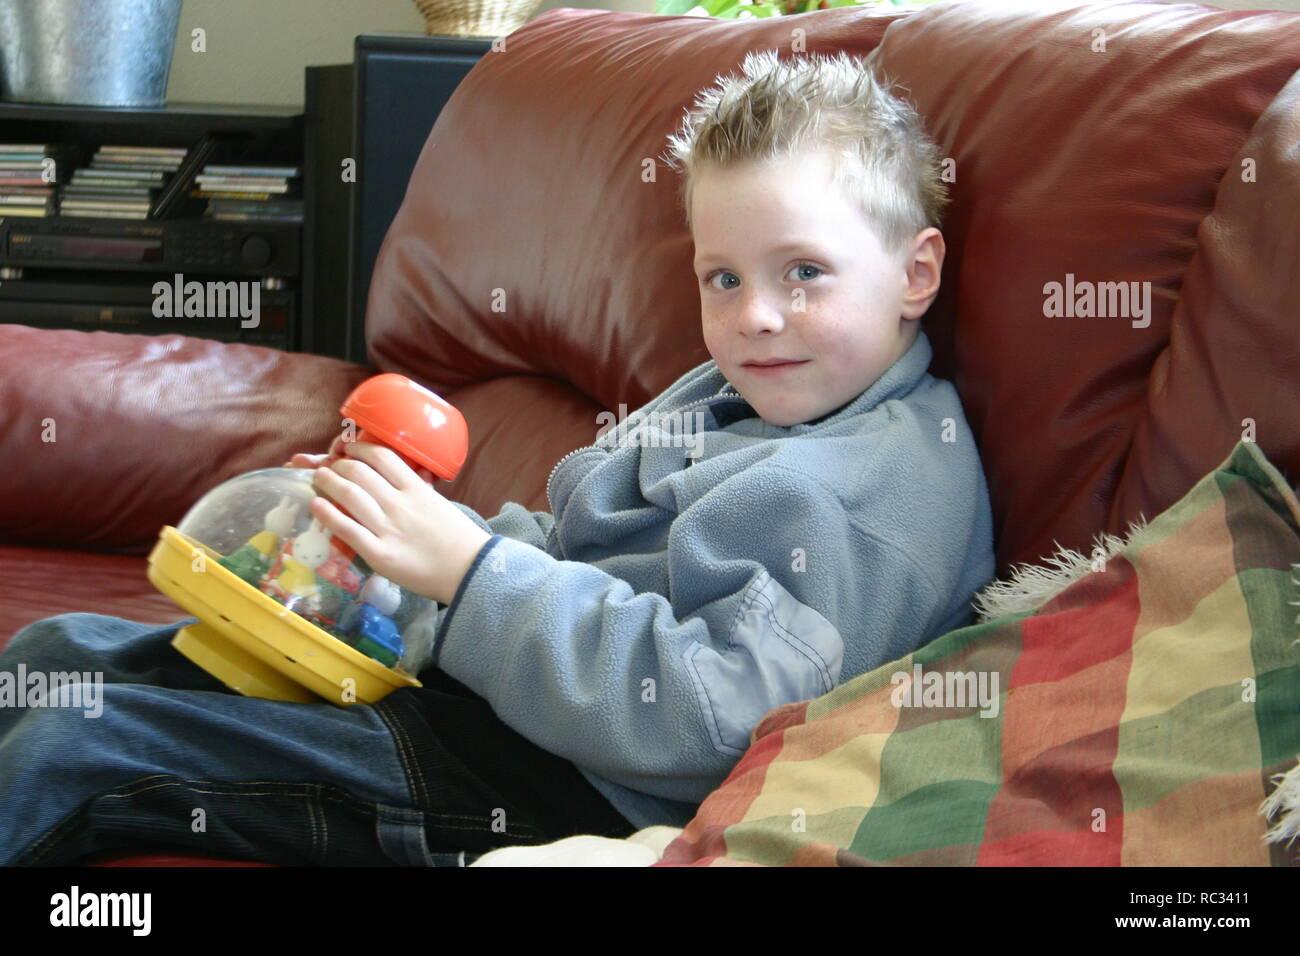 Jeune garçon avec humming top sur canapé à l'intérieur, regardez l'appareil photo Photo Stock